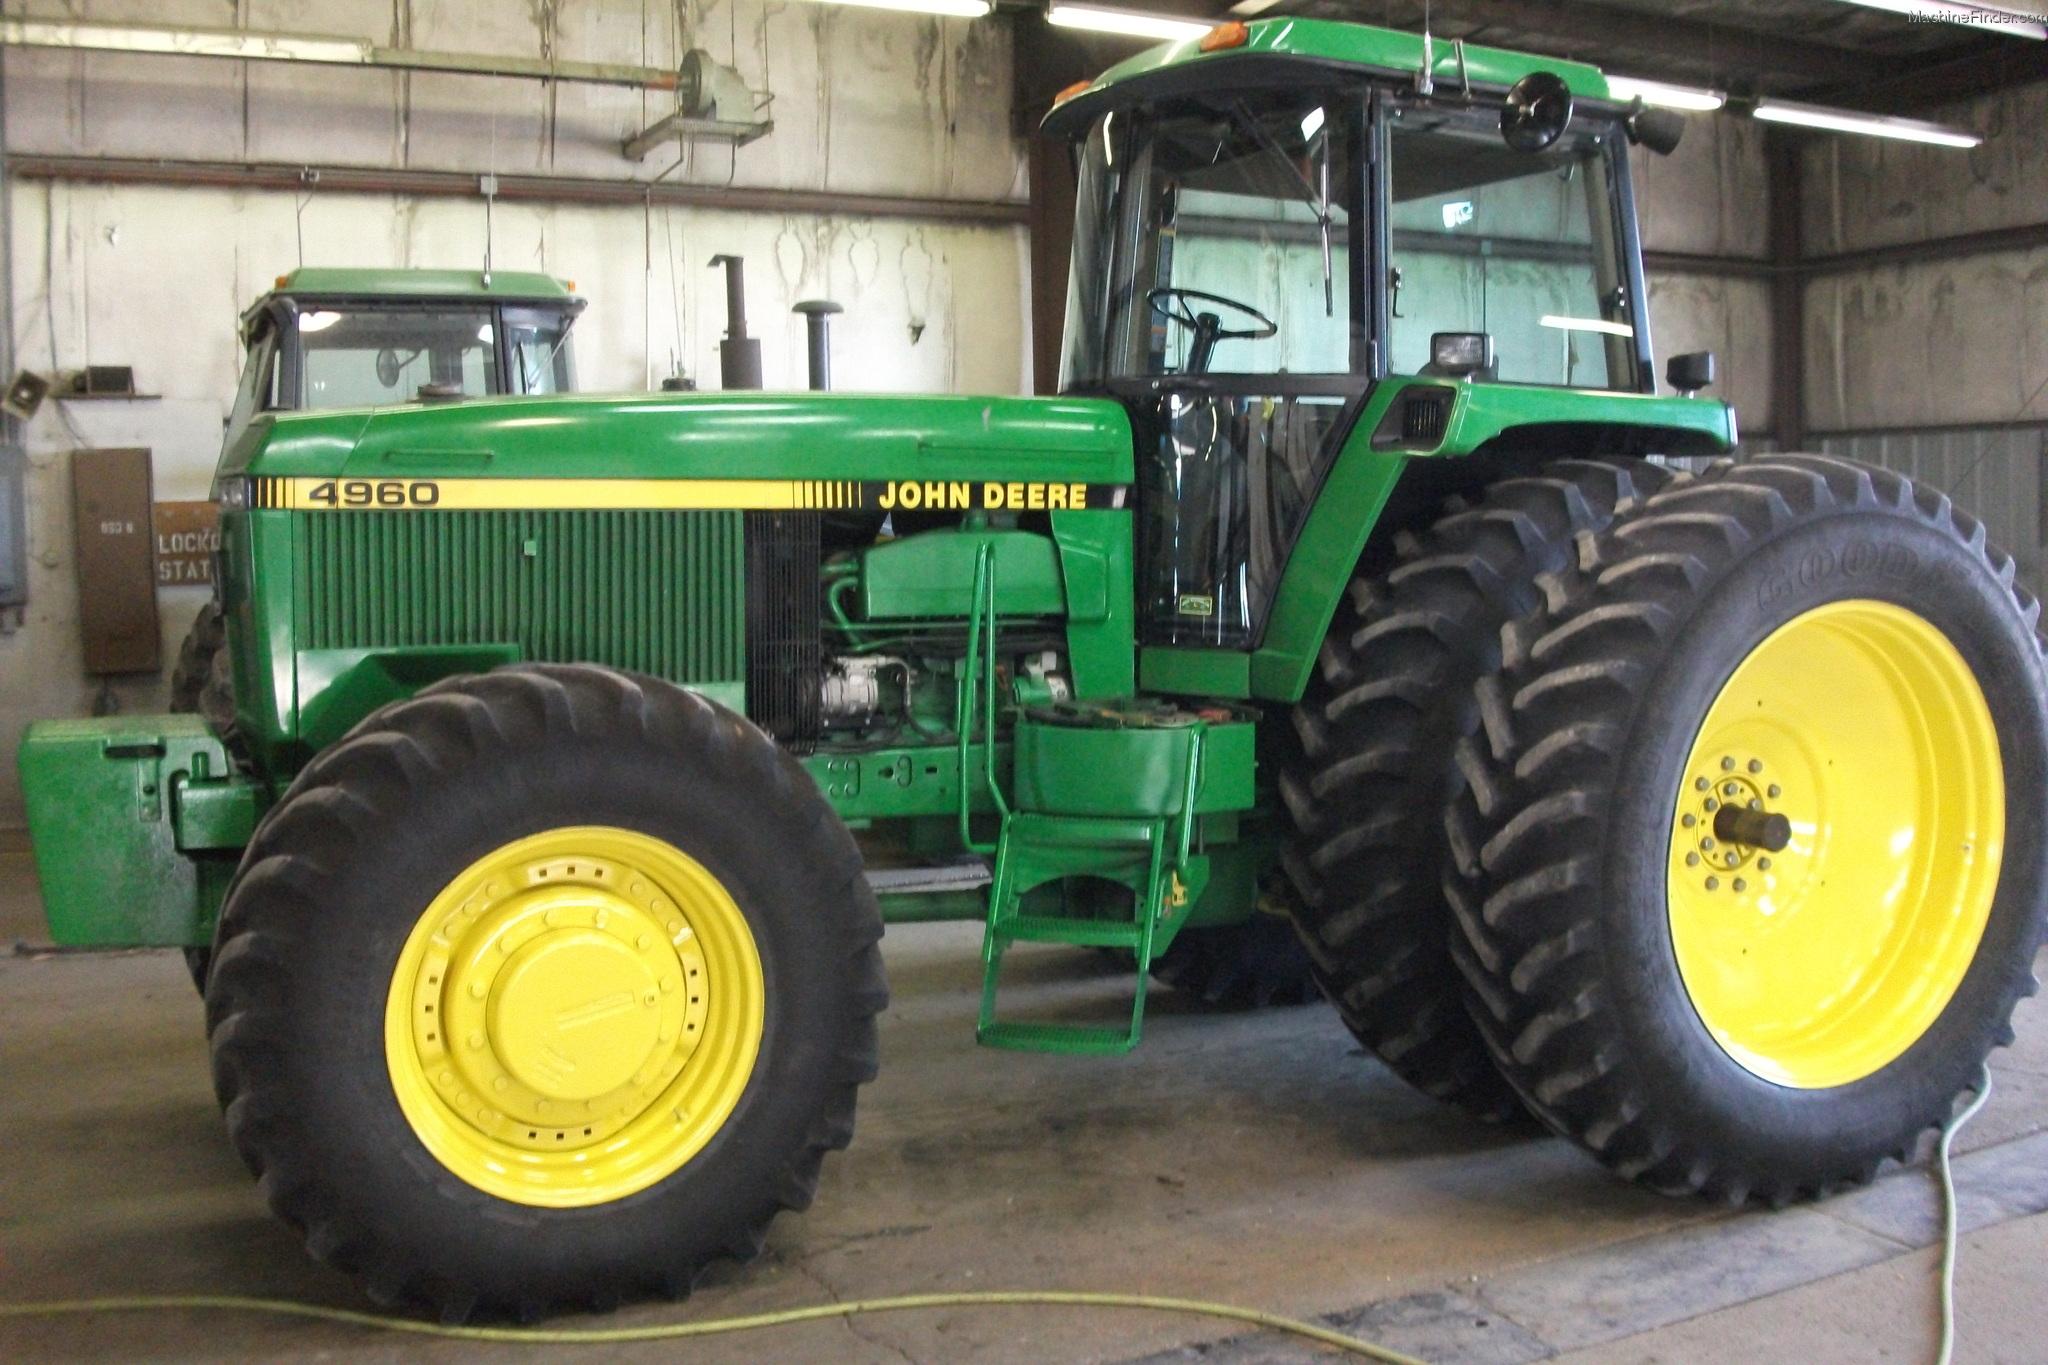 John Deere 4960 Tractors - Row Crop (+100hp) - John Deere ...